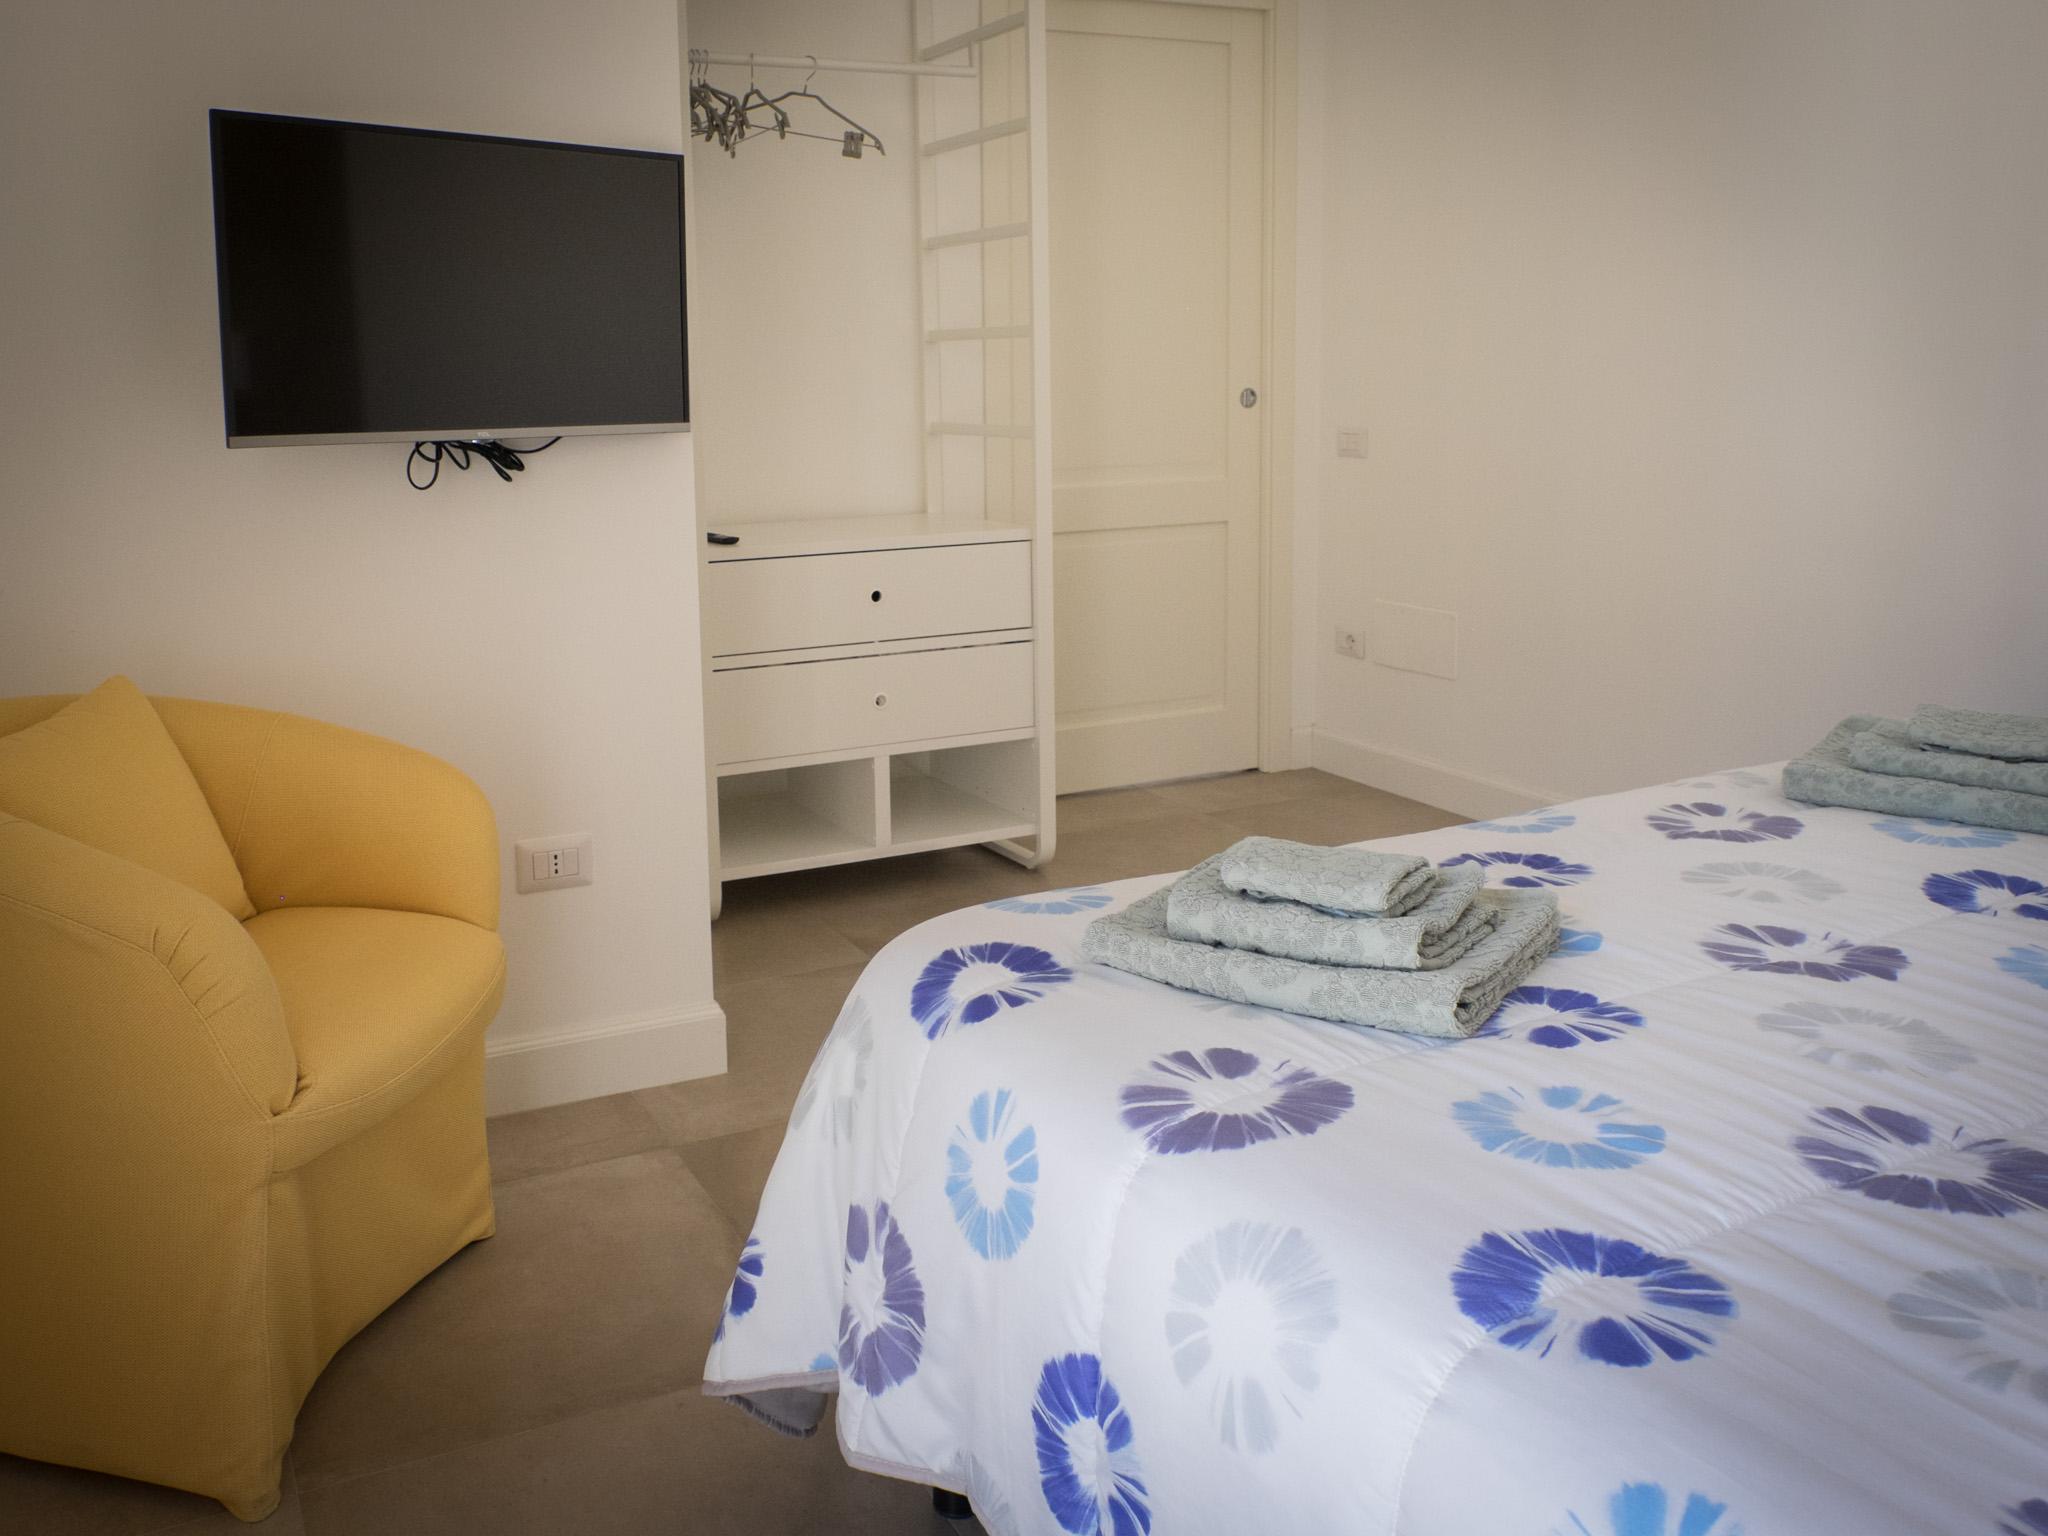 bizantini apartments la-casa-dei-nonni-casa-vacanze-bb-camere-dormire-sassi-di-matera-basilicata-41